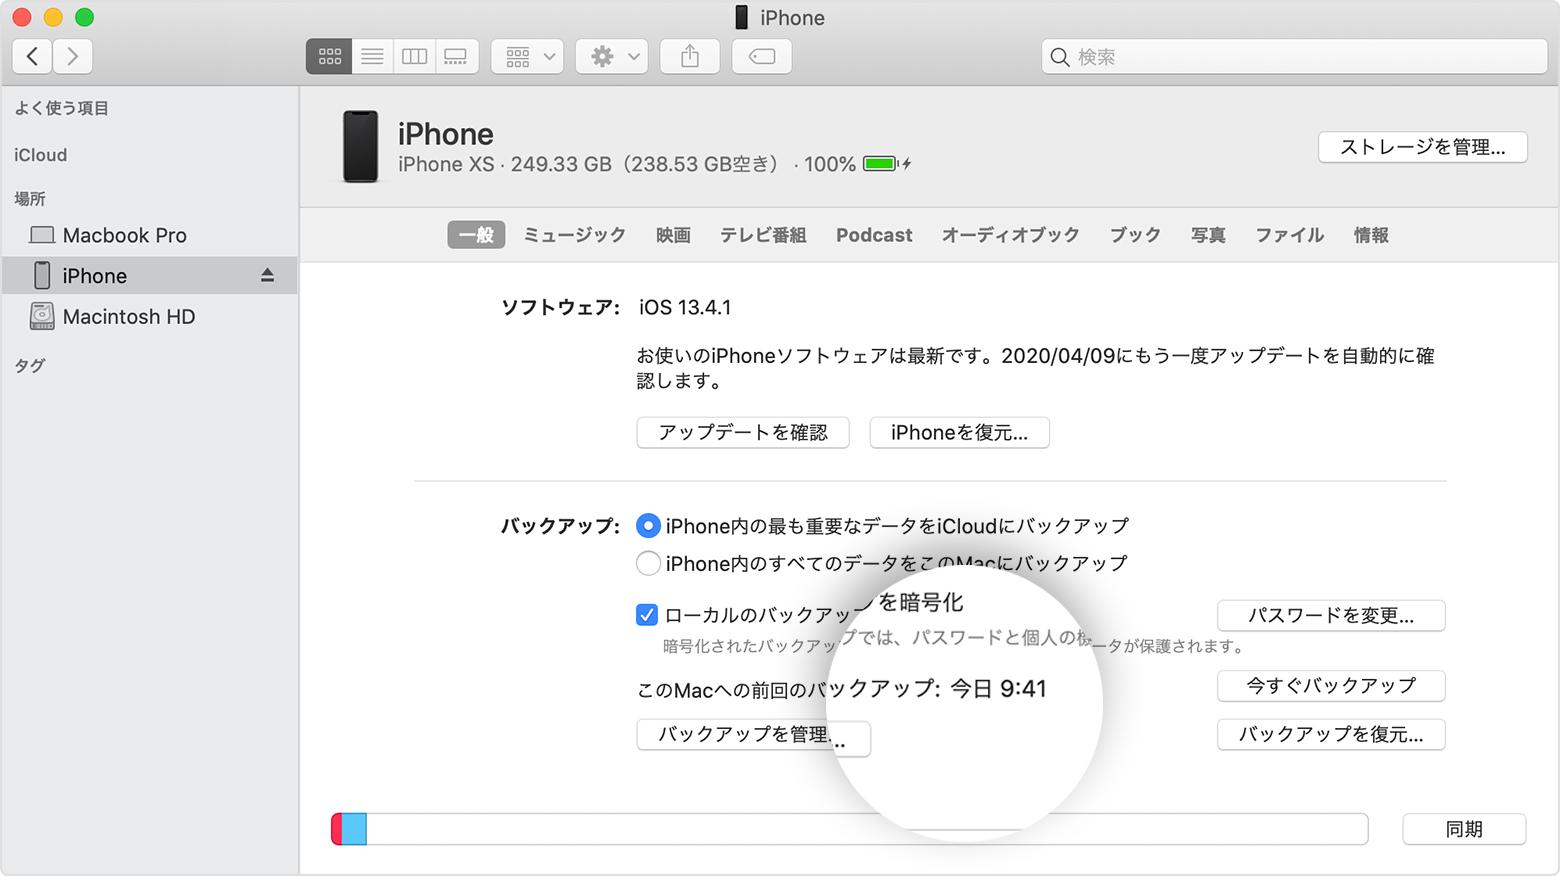 iphone_引き継ぎ_iTunesでバックアップ